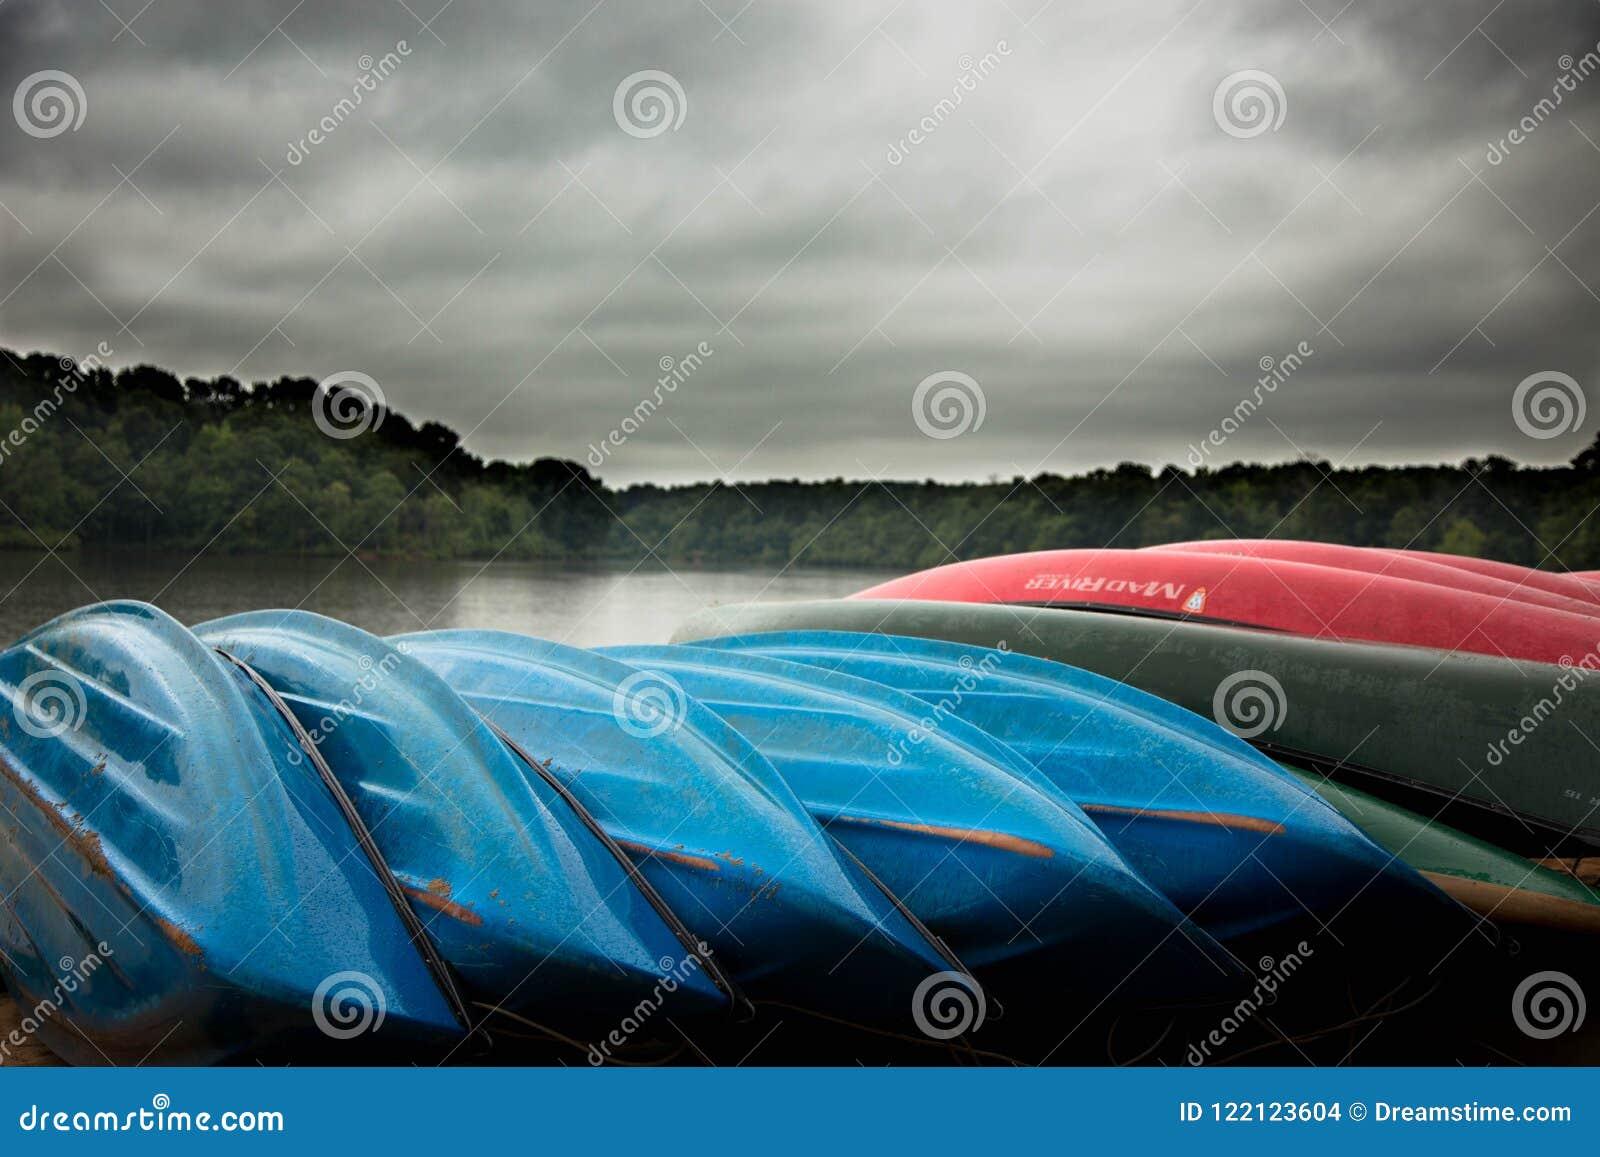 Canoës sur la plage au lac orageux